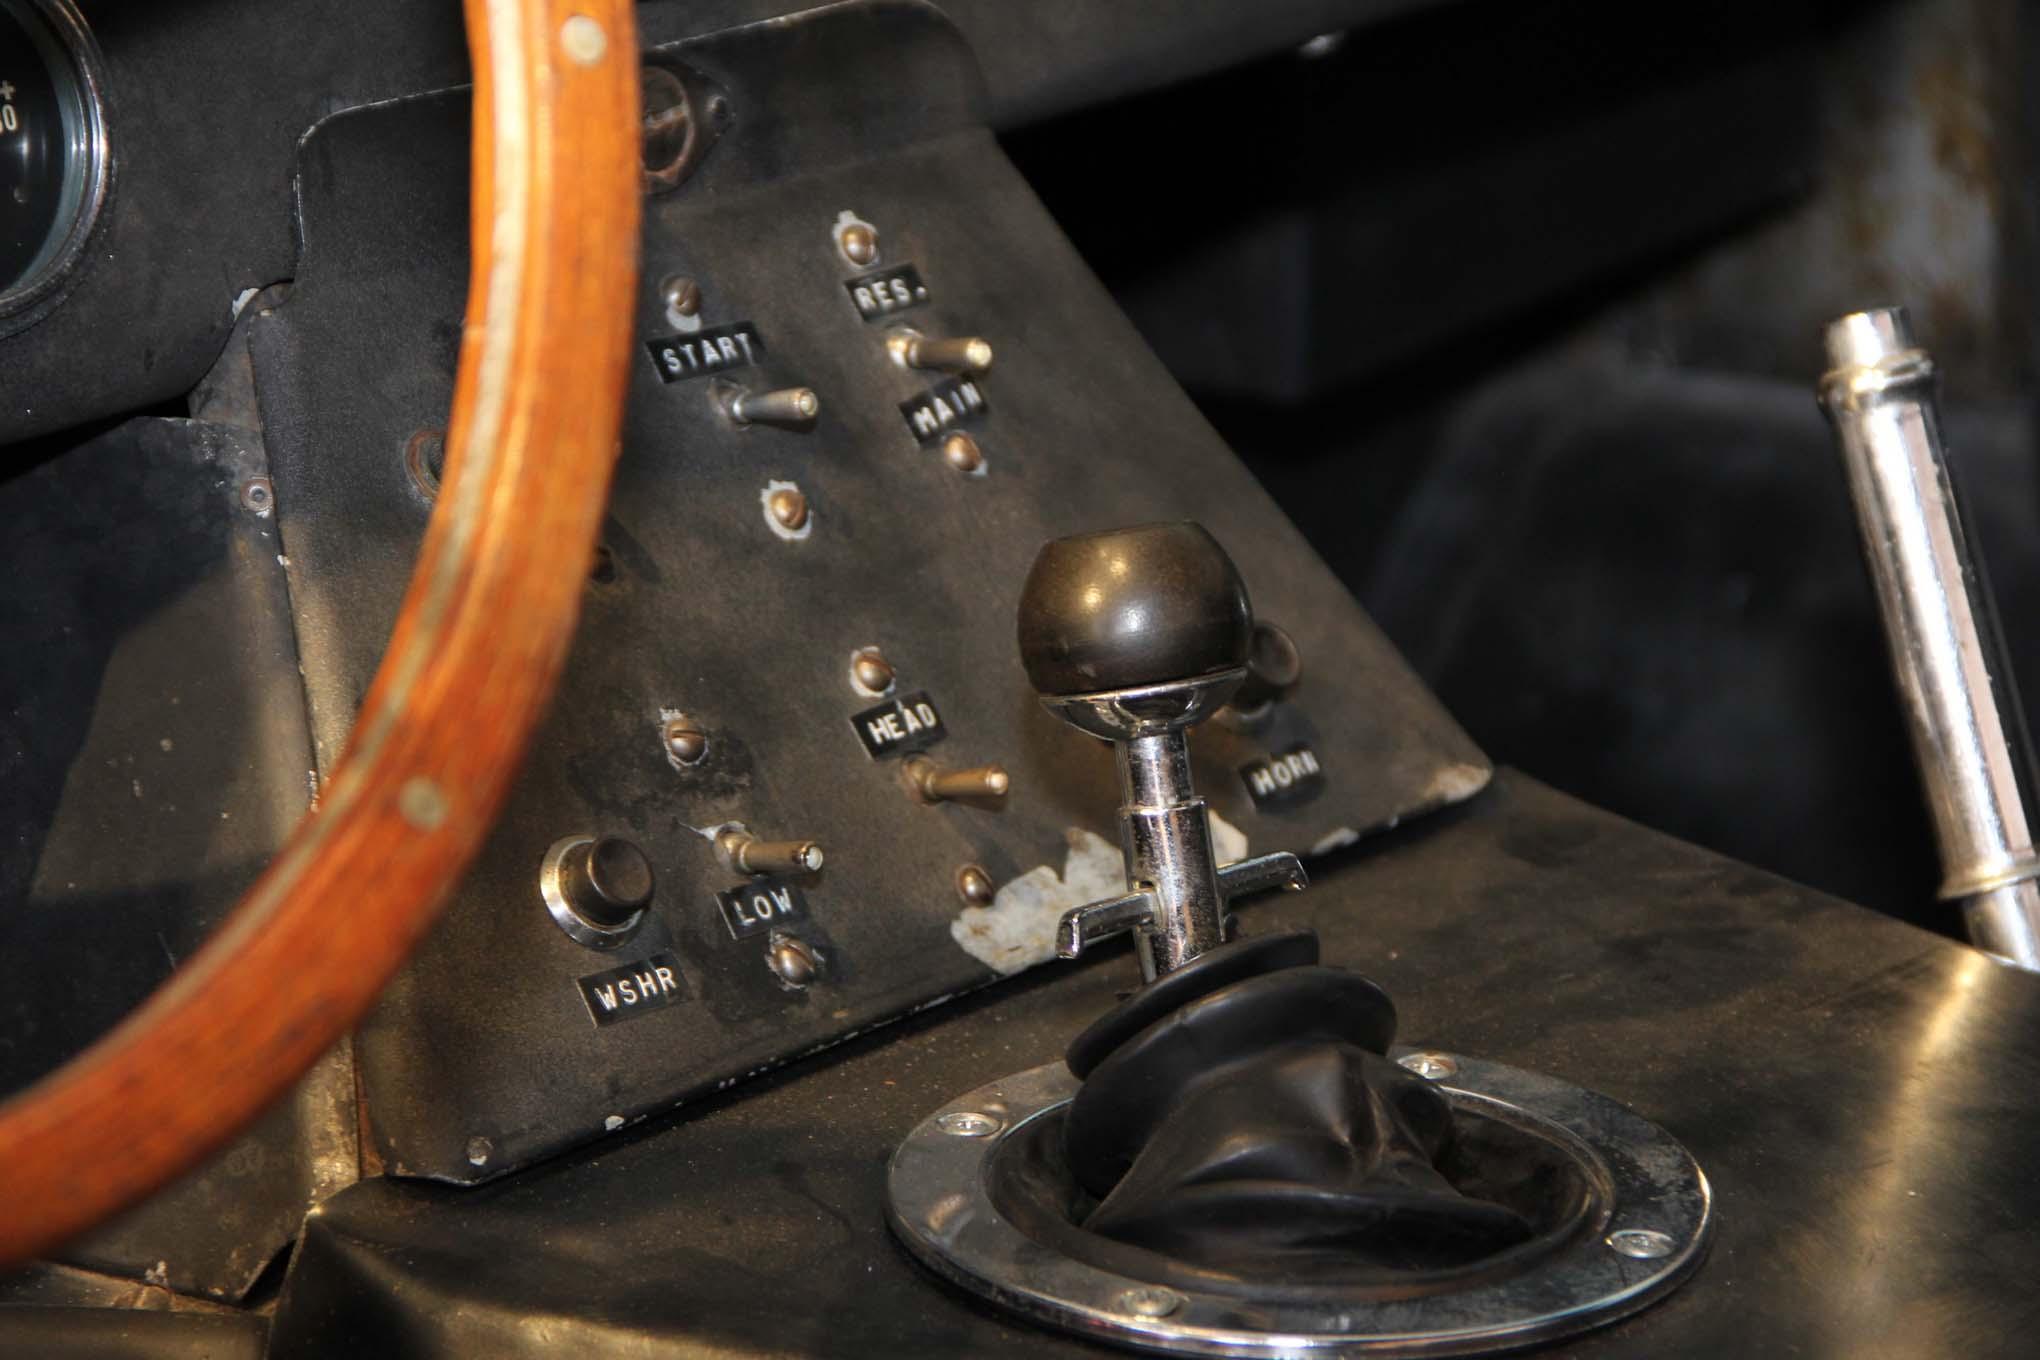 024 Shelby Daytona Coupe Lpr